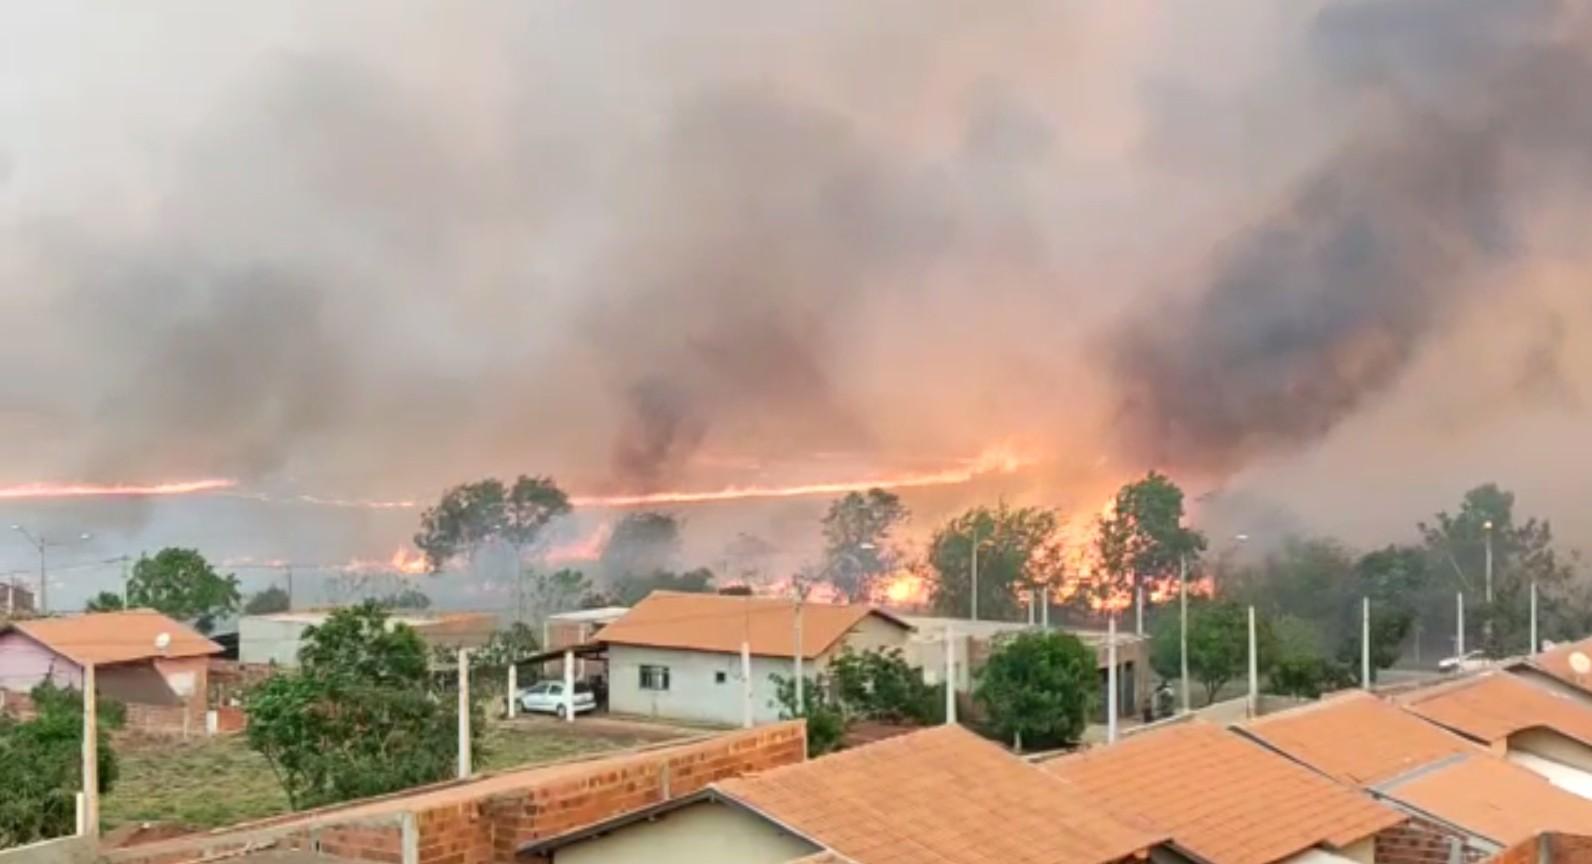 Queimada de grandes proporções gera transtornos para moradores de Santo Antônio do Aracanguá